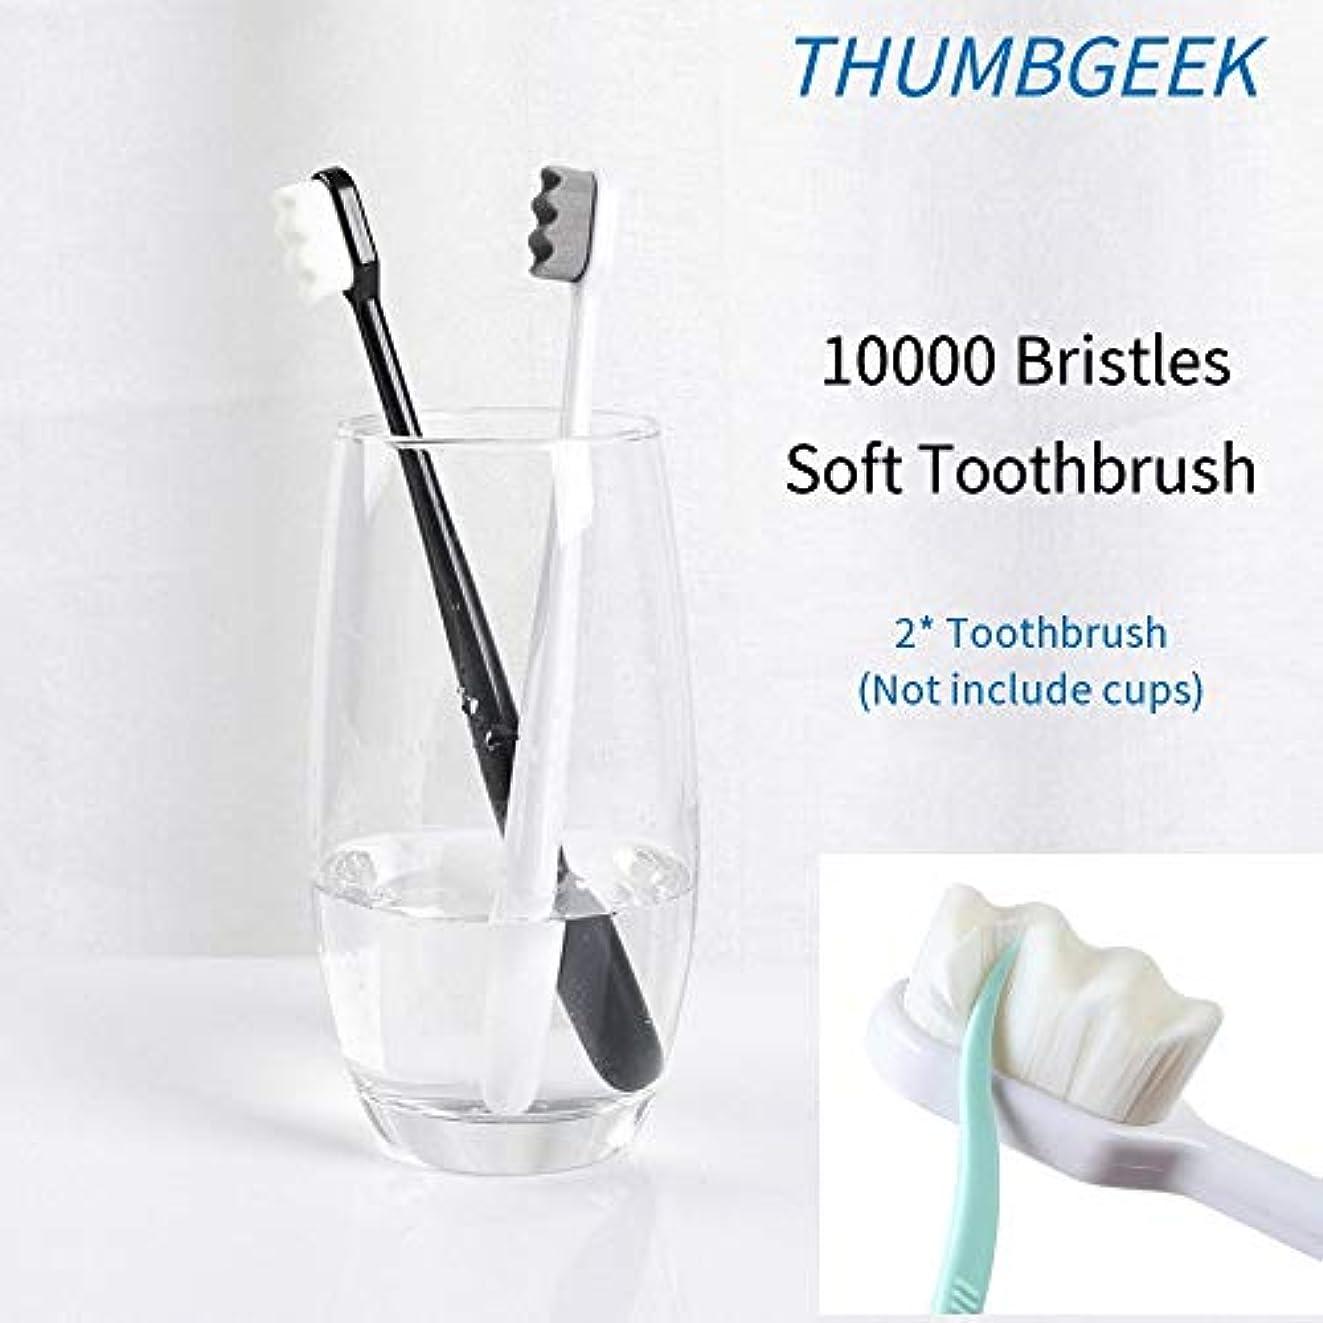 価格明確な子供時代2本の歯ブラシ、ウルトラソフト歯ブラシ、家族の妊娠中の女性用、年配の看護の歯肉に敏感なディープマウスクリーンオーラルケア、手動歯ブラシ